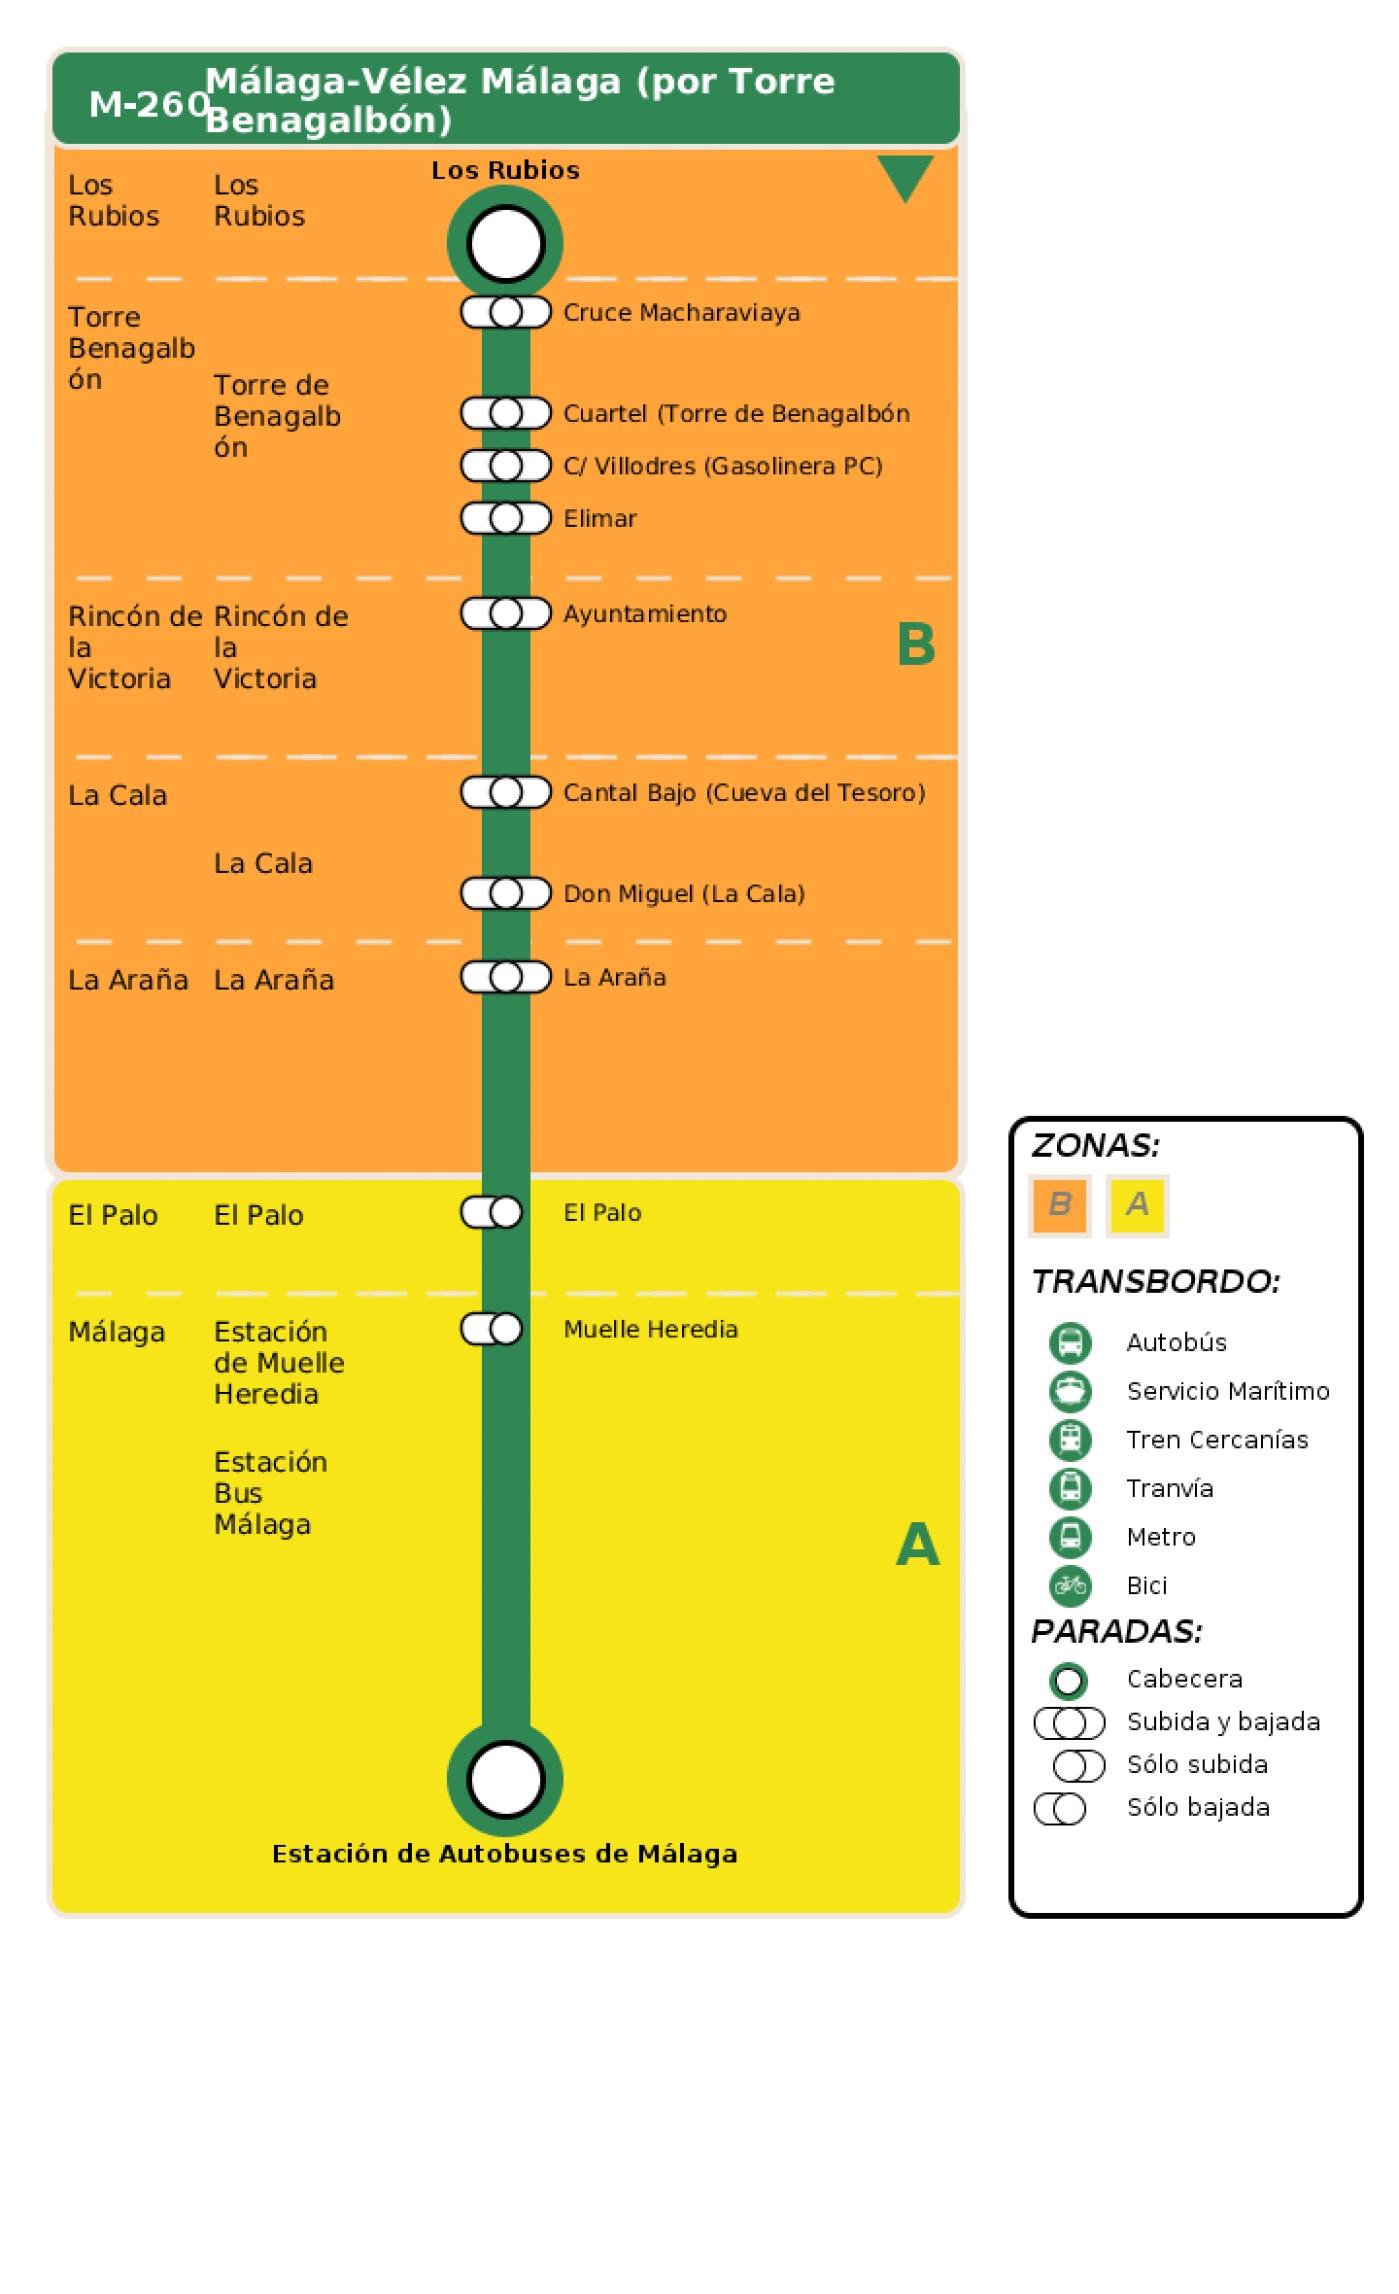 Recorrido esquemático, paradas y correspondencias en sentido vuelta Línea M-260: Málaga - Vélez Málaga